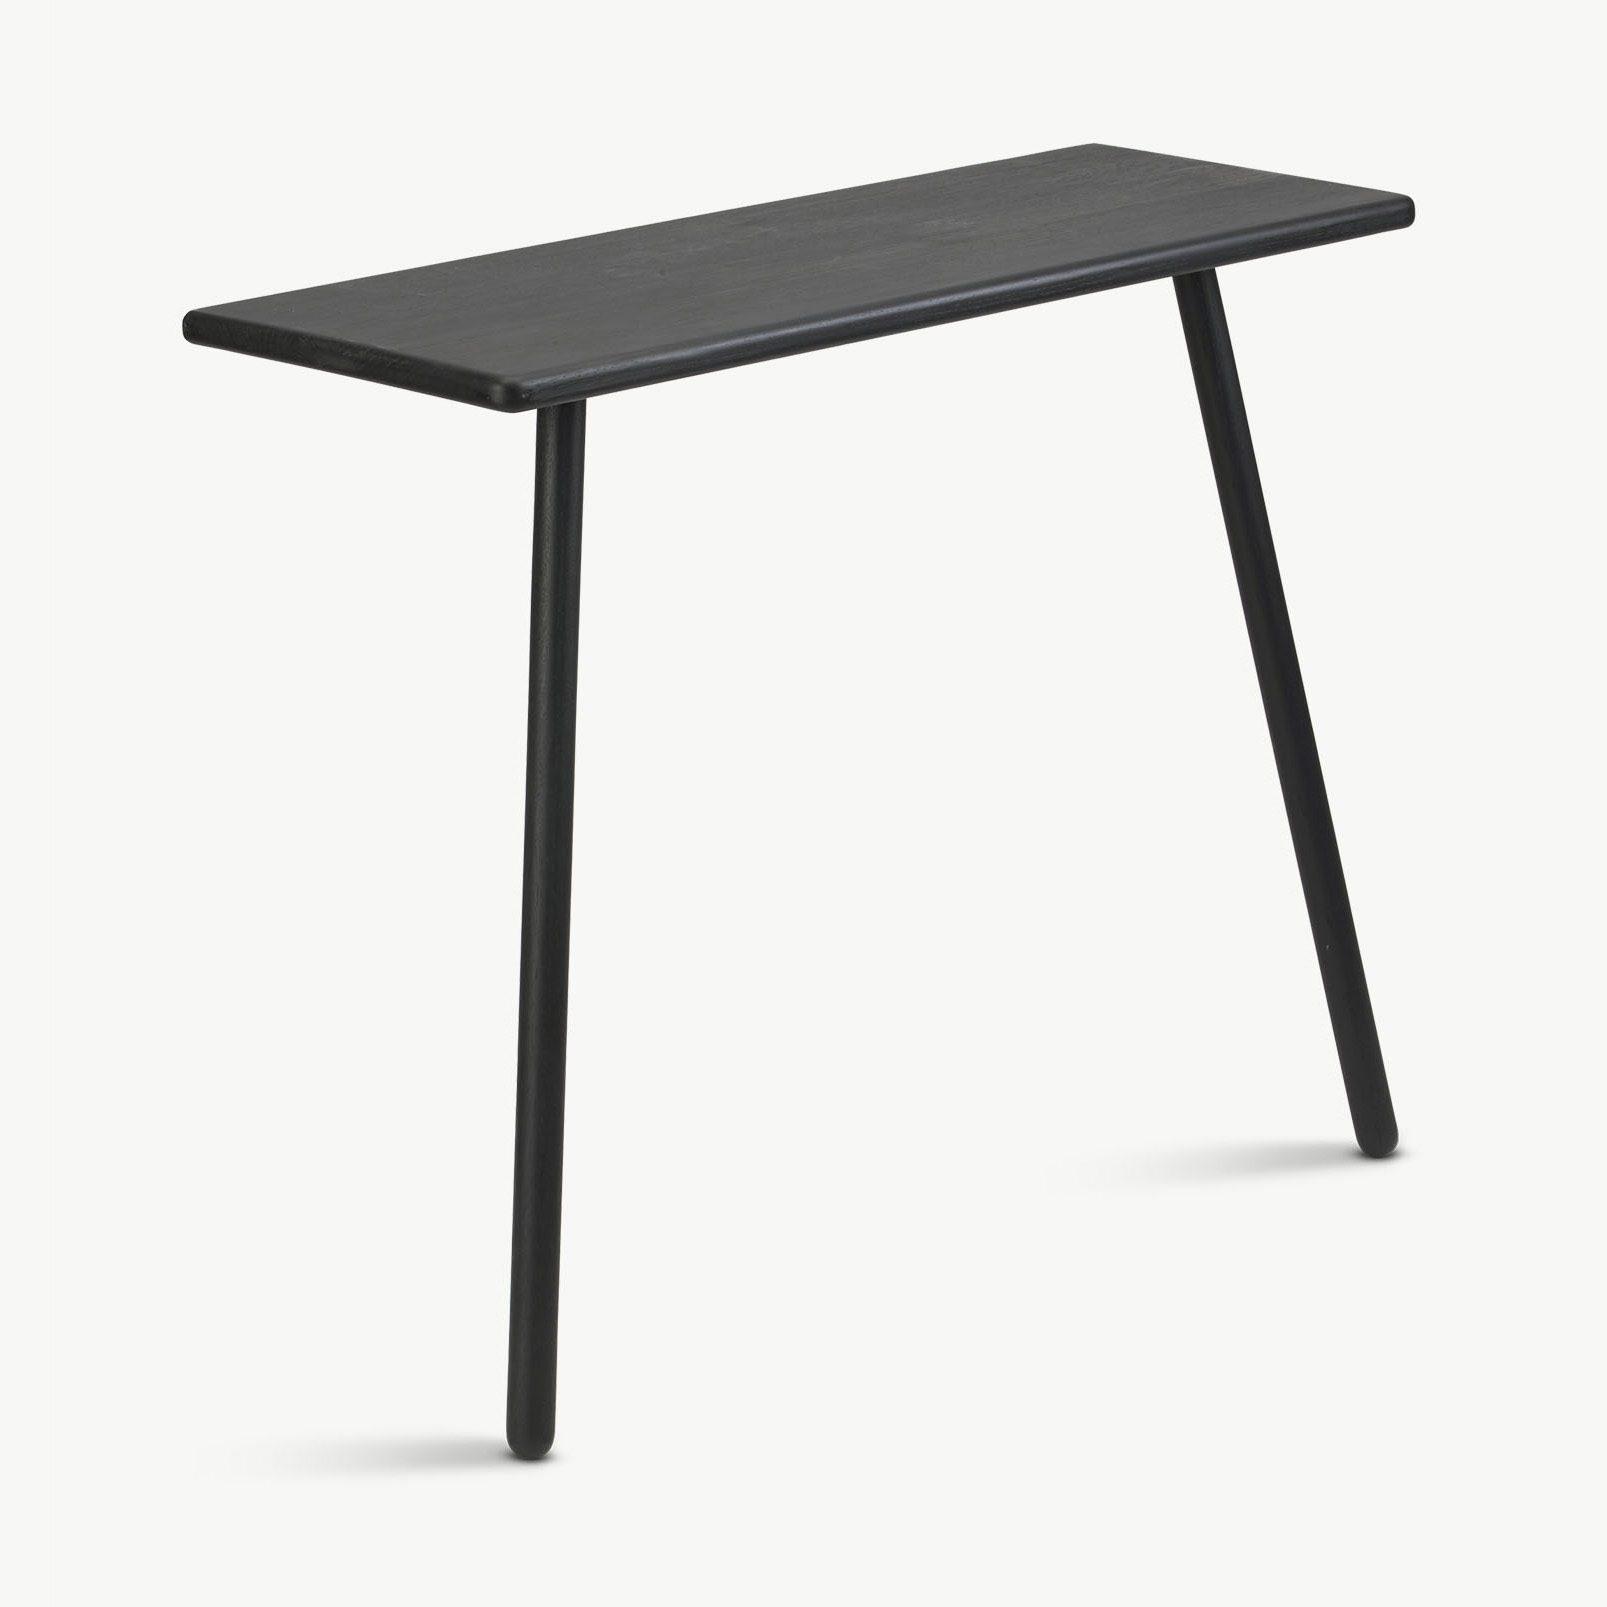 Georg avlastningsbord i svart från Skagerak